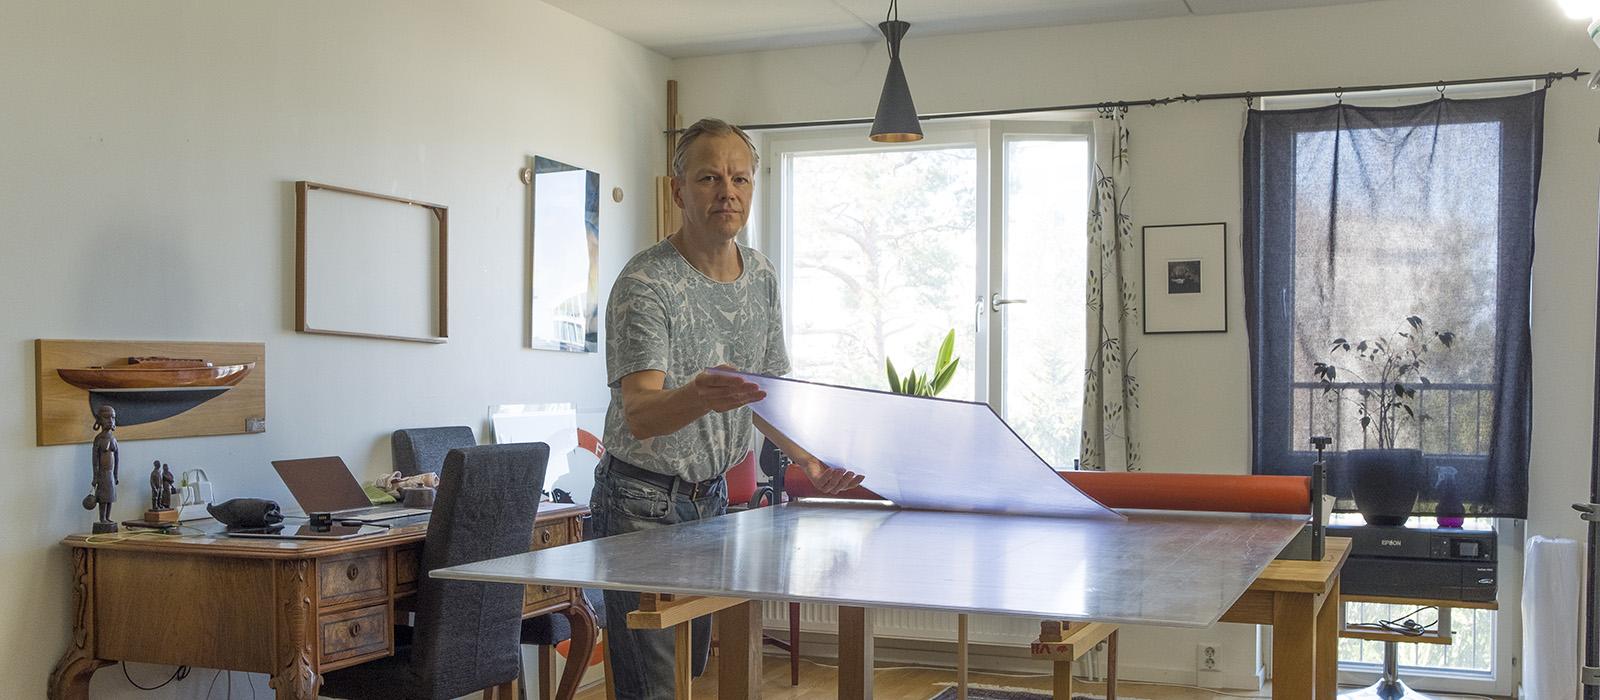 En man i grå t-shirt står vid ett arbetsbord med plexiglasskivor